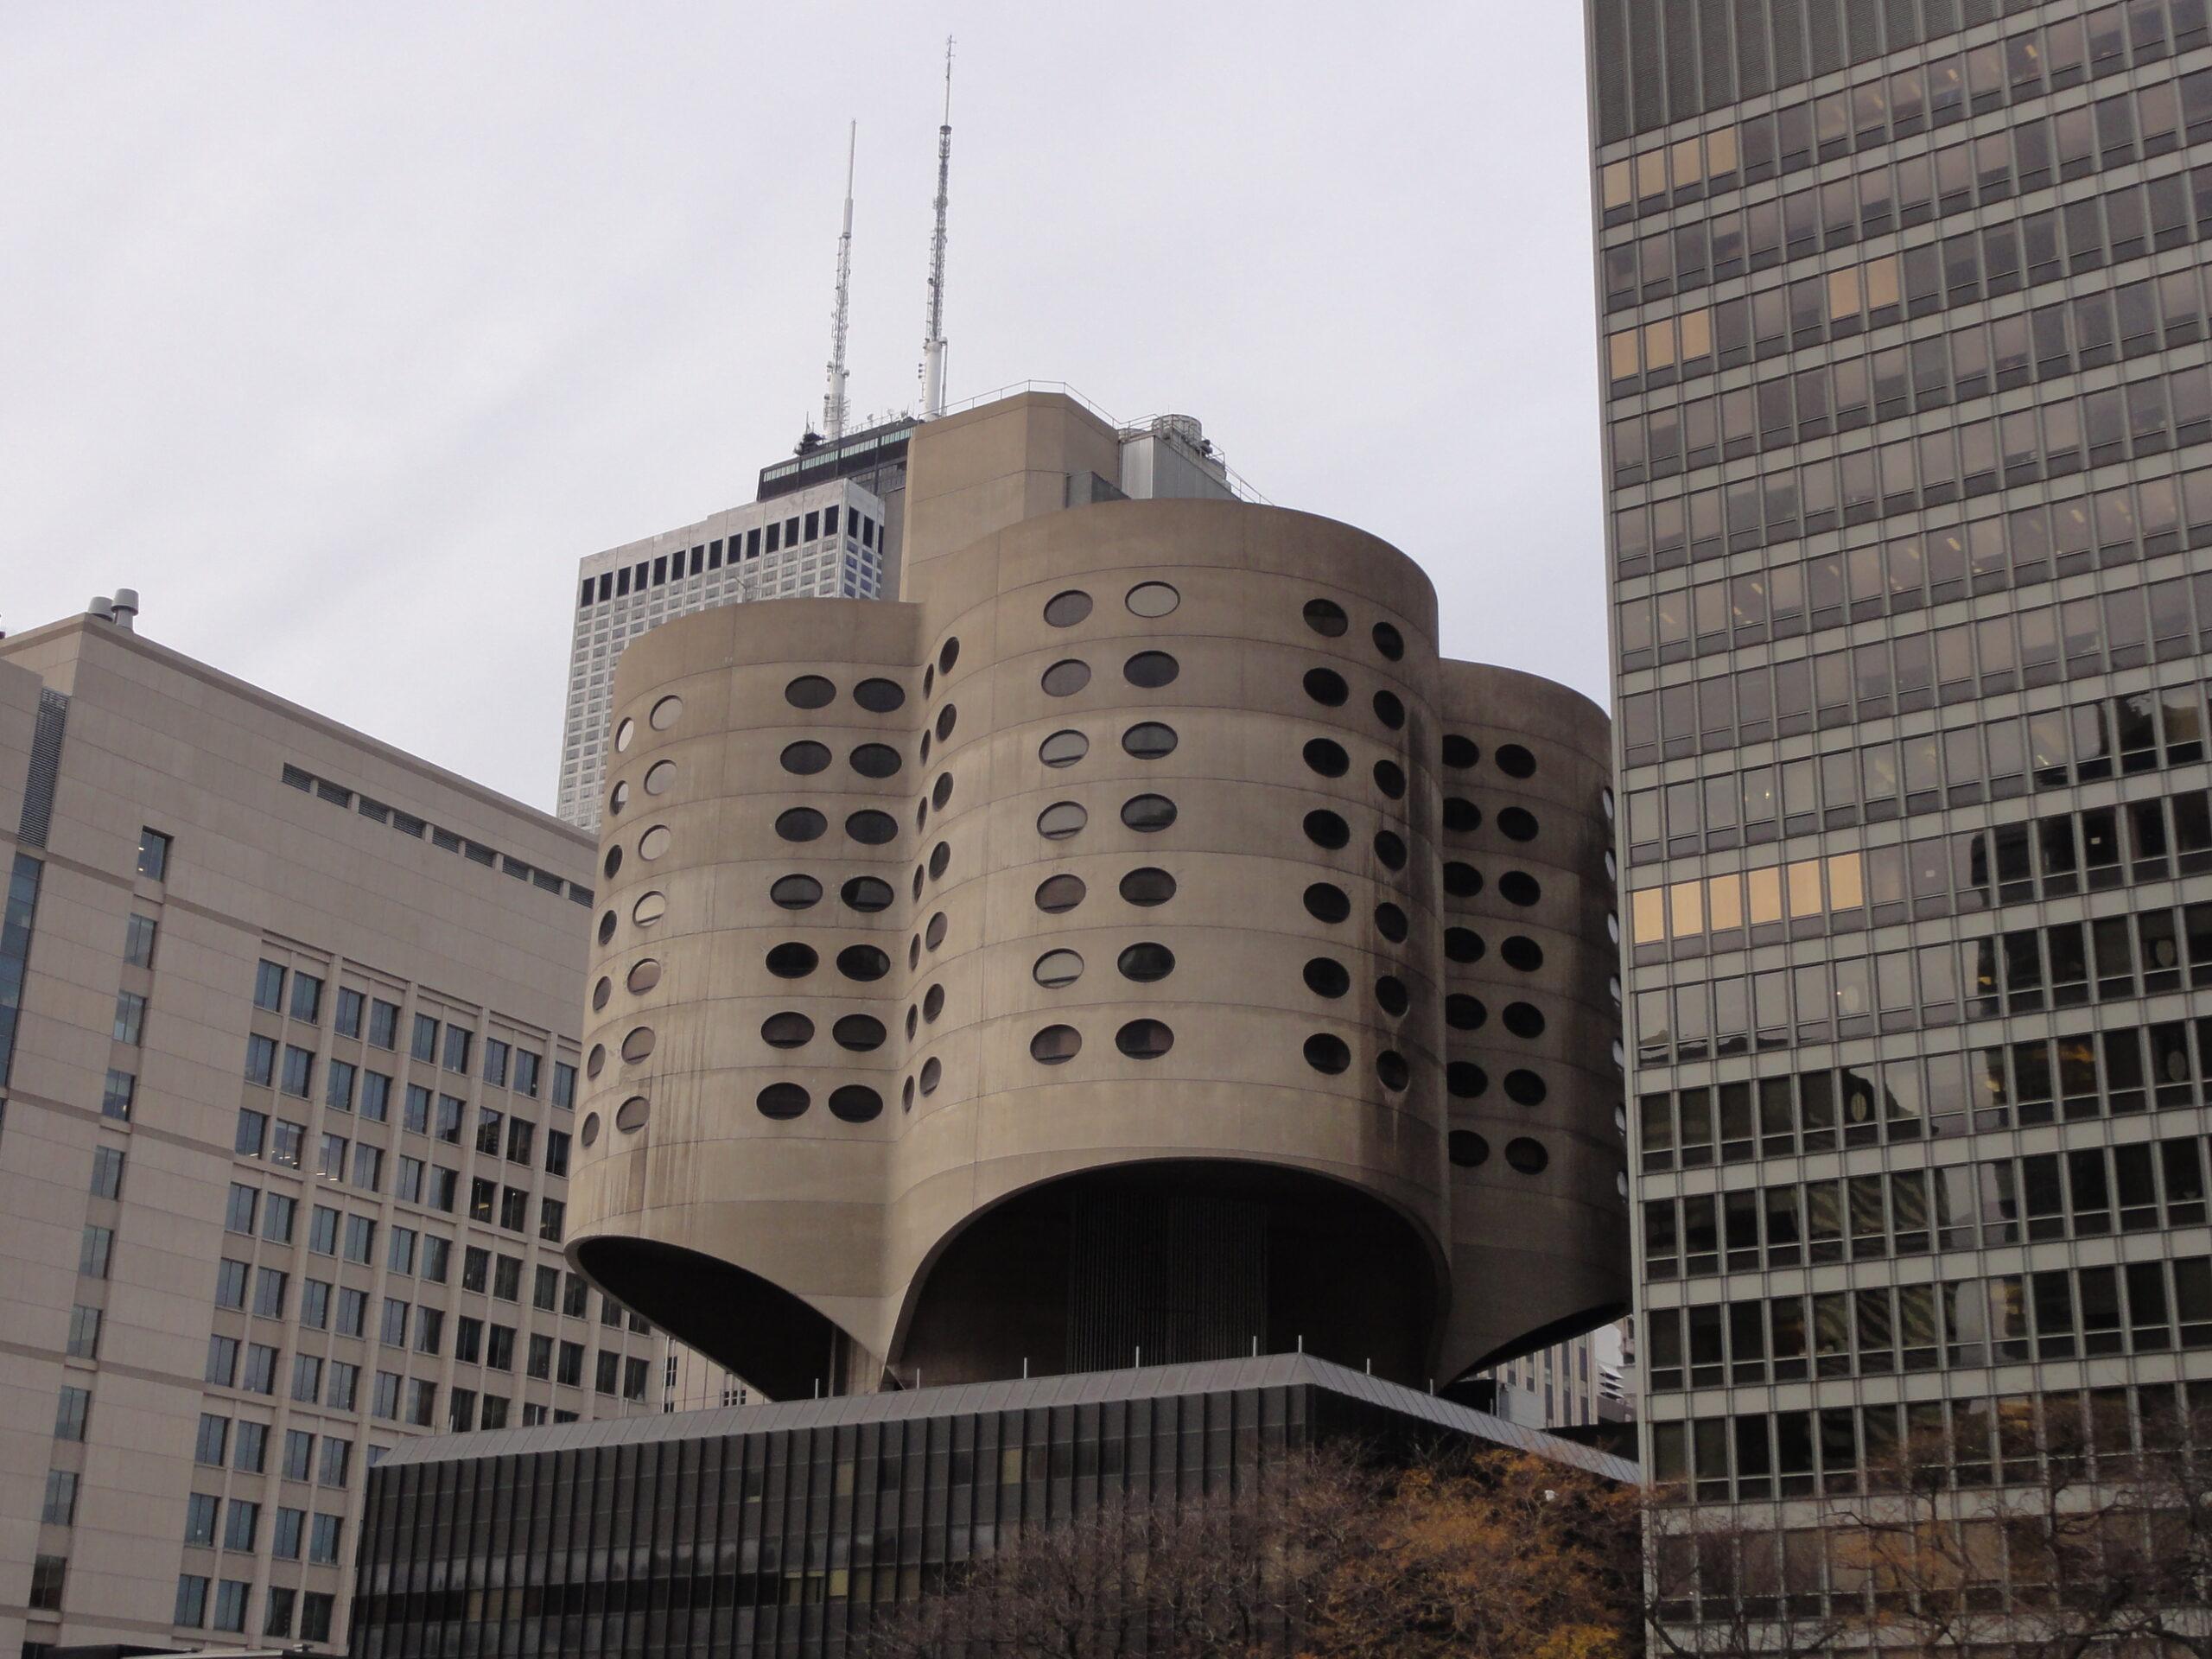 Prentice Women's Hospital, designed by Bertrand Goldberg, in Chicago, IL